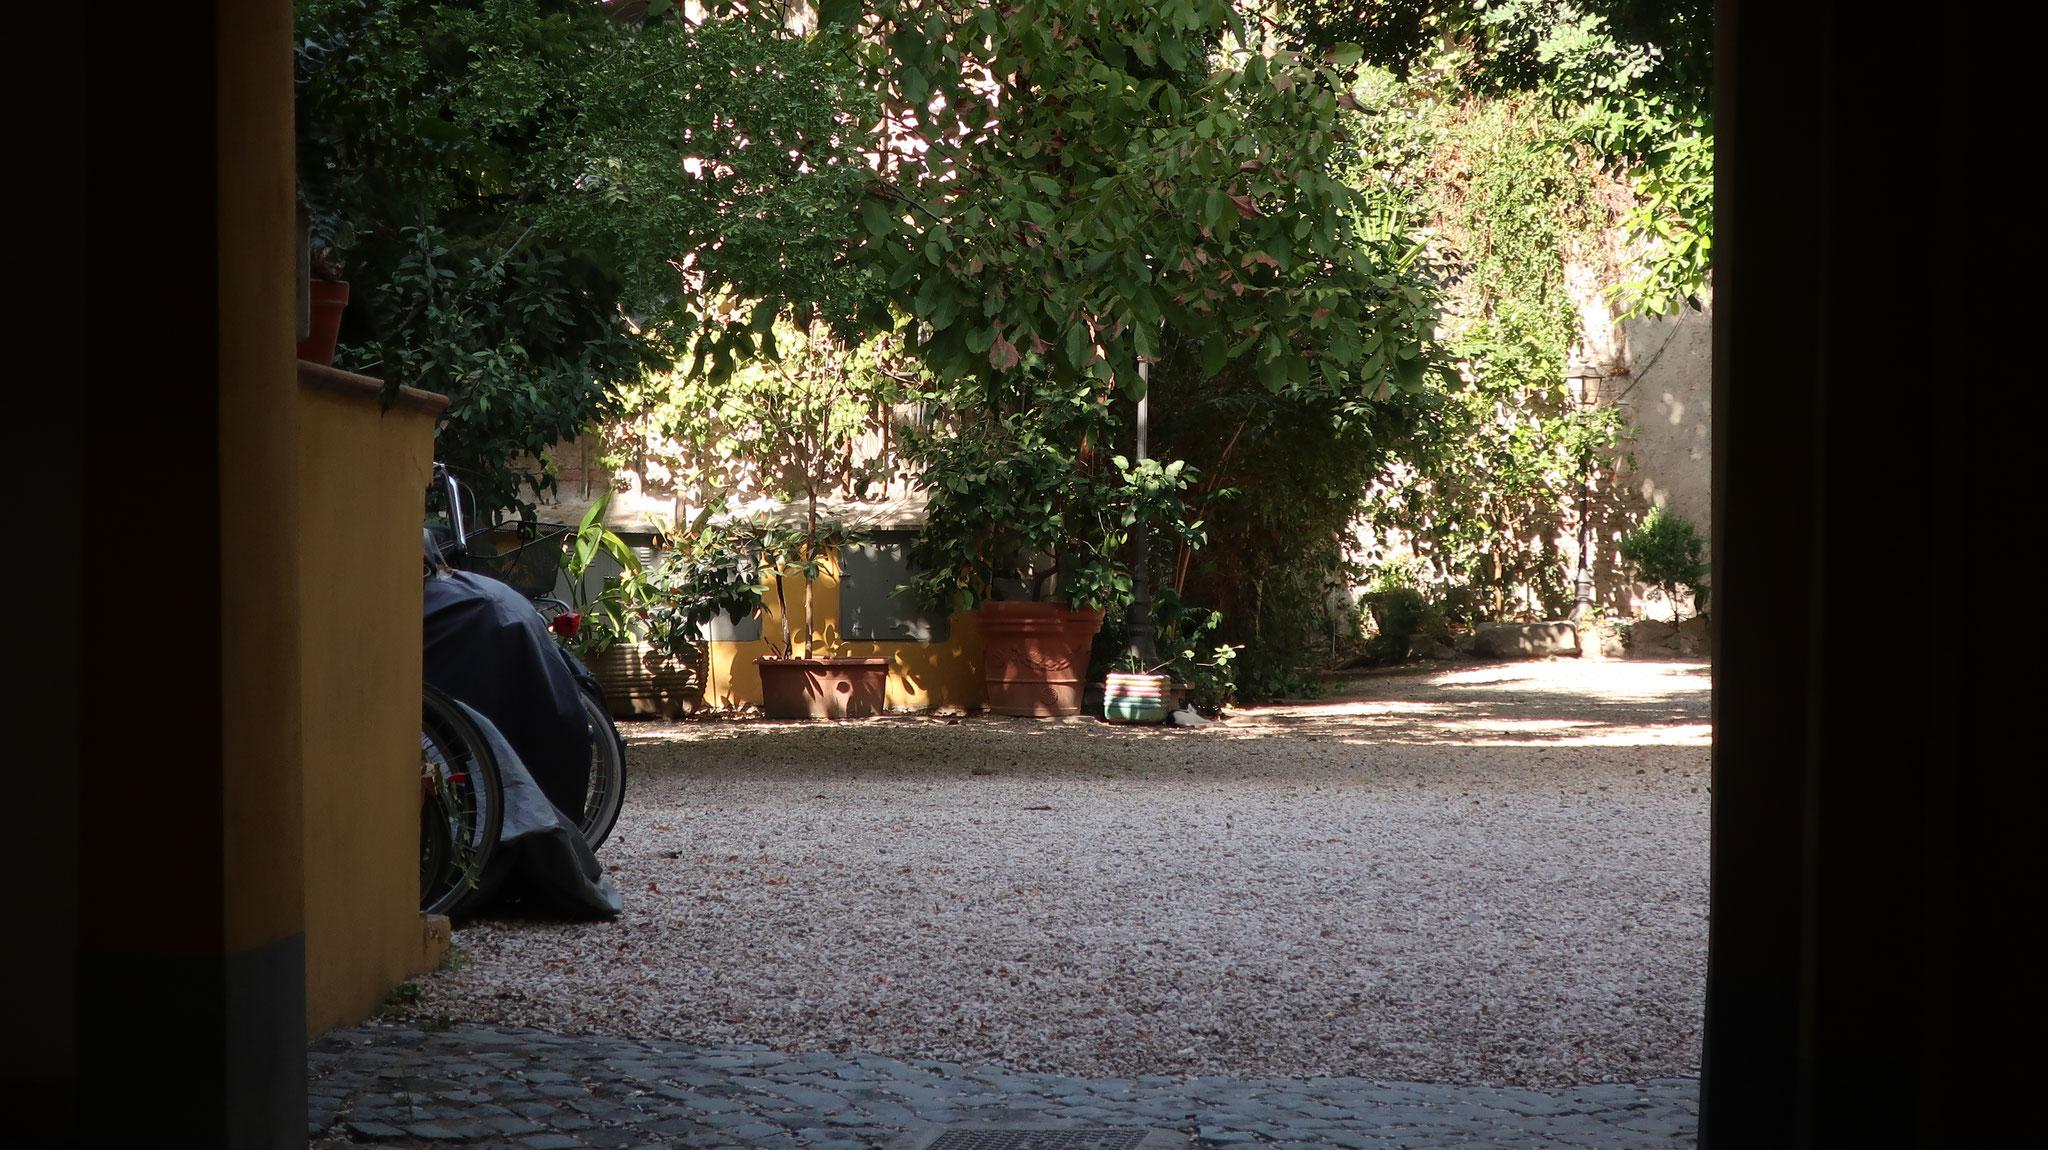 「ローマの休日」でグレゴリー・ペック扮する新聞記者ジョー・ブラッドリーが住んでいたアパートの入口。マルグッタ通り51番地。